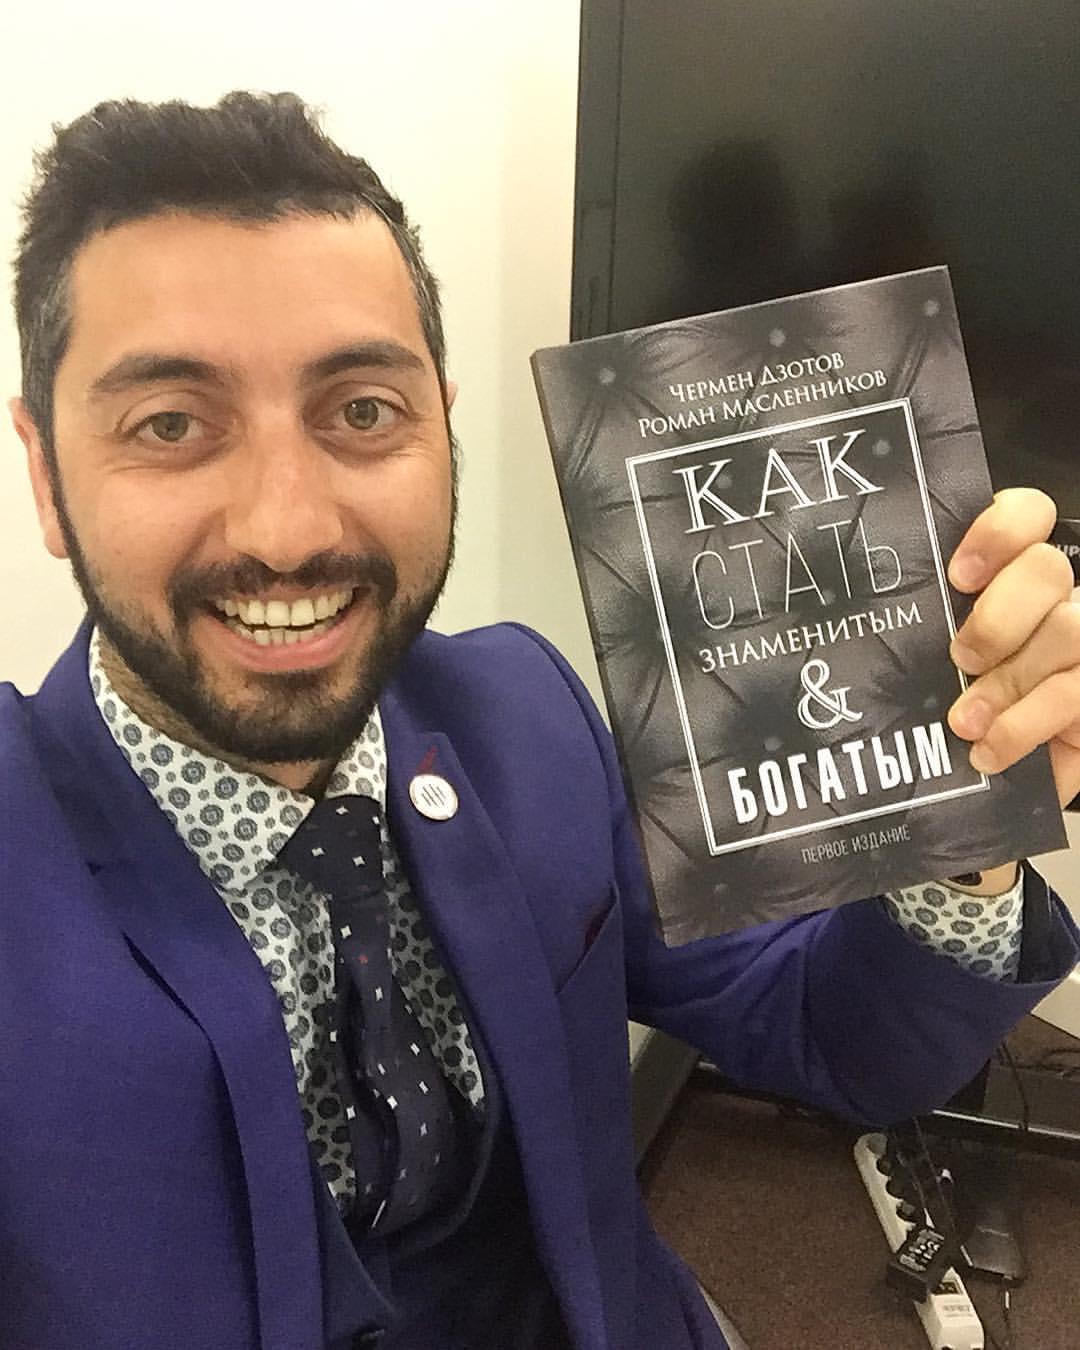 """книга Чермена Дзотова """"Как стать знаменитым и богатым"""""""